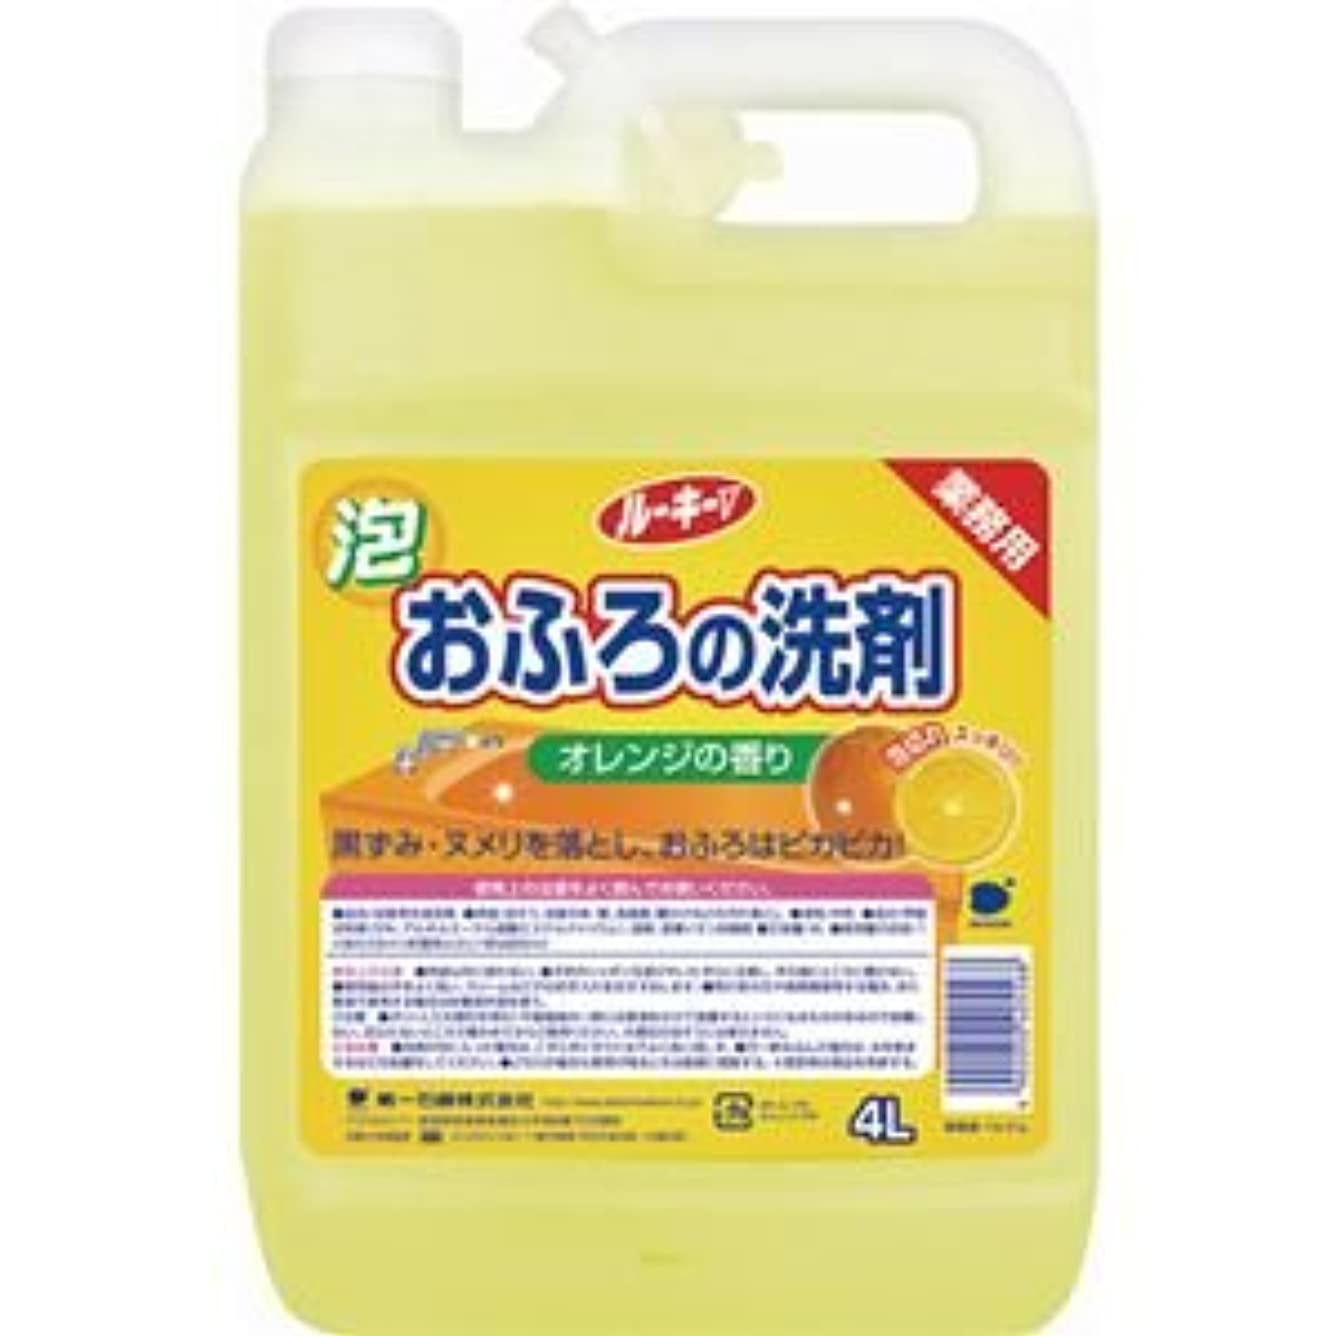 育成相互接続技術的な(まとめ) 第一石鹸 ルーキーV おふろ洗剤 業務用 4L 1本 【×5セット】